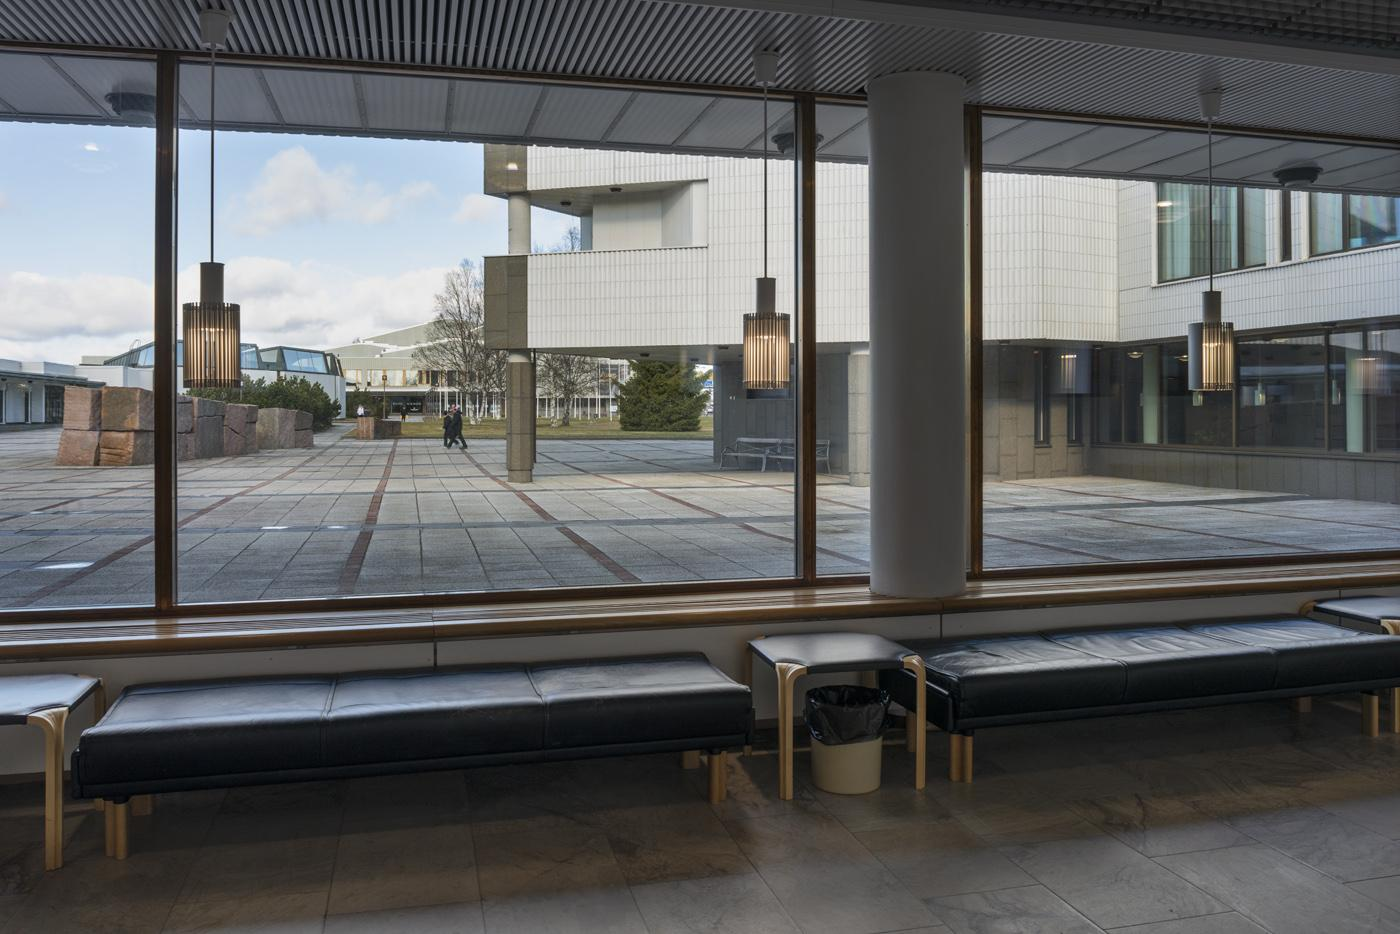 Rovaniemen kaupungintalon eteishalli